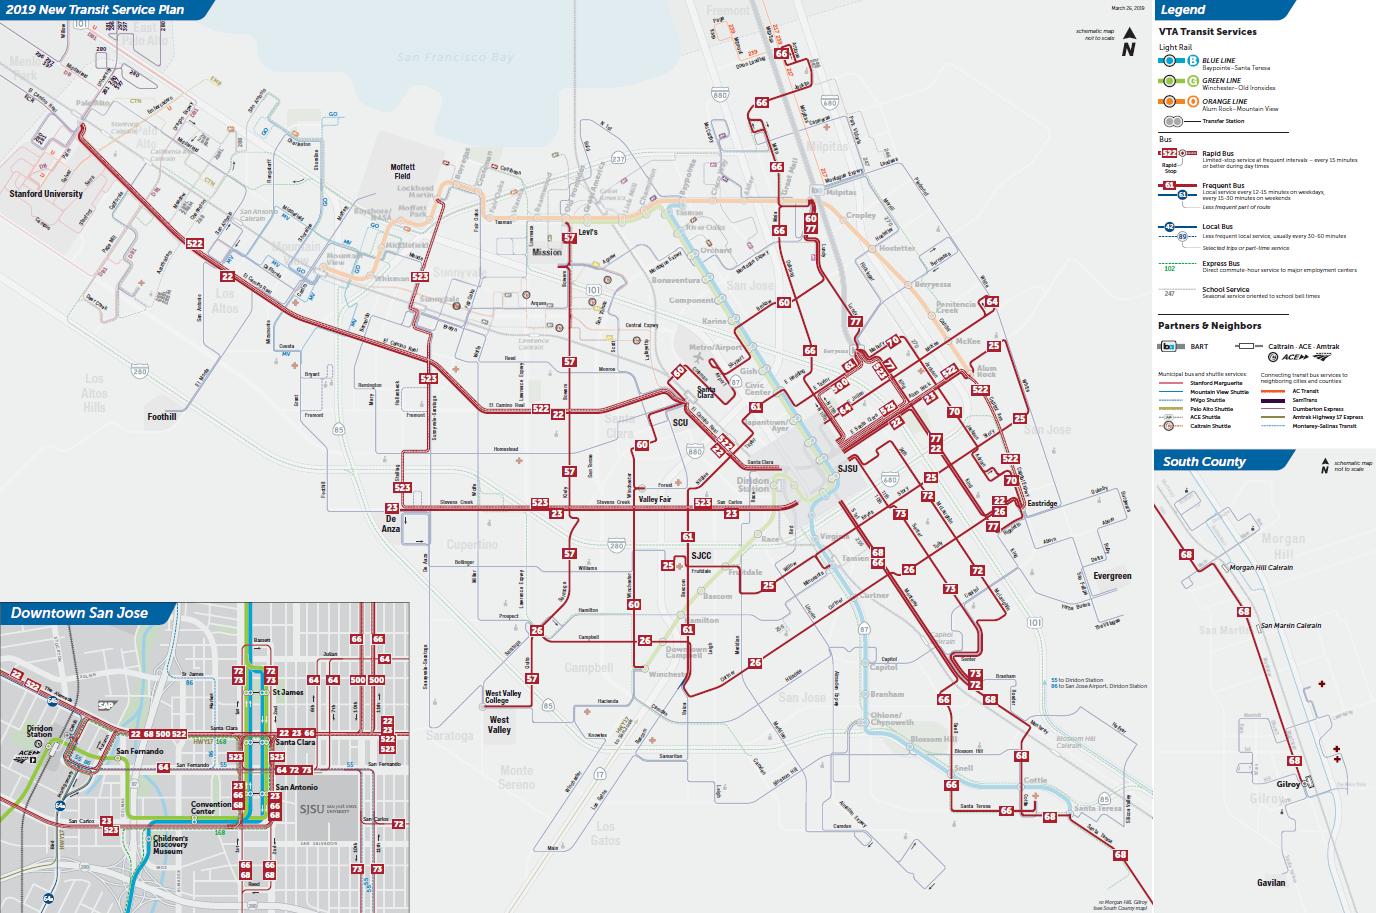 Mapa ng mga Frequent Routes sa Final na 2019 New Transit Service Plan ng VTA  (PDF)